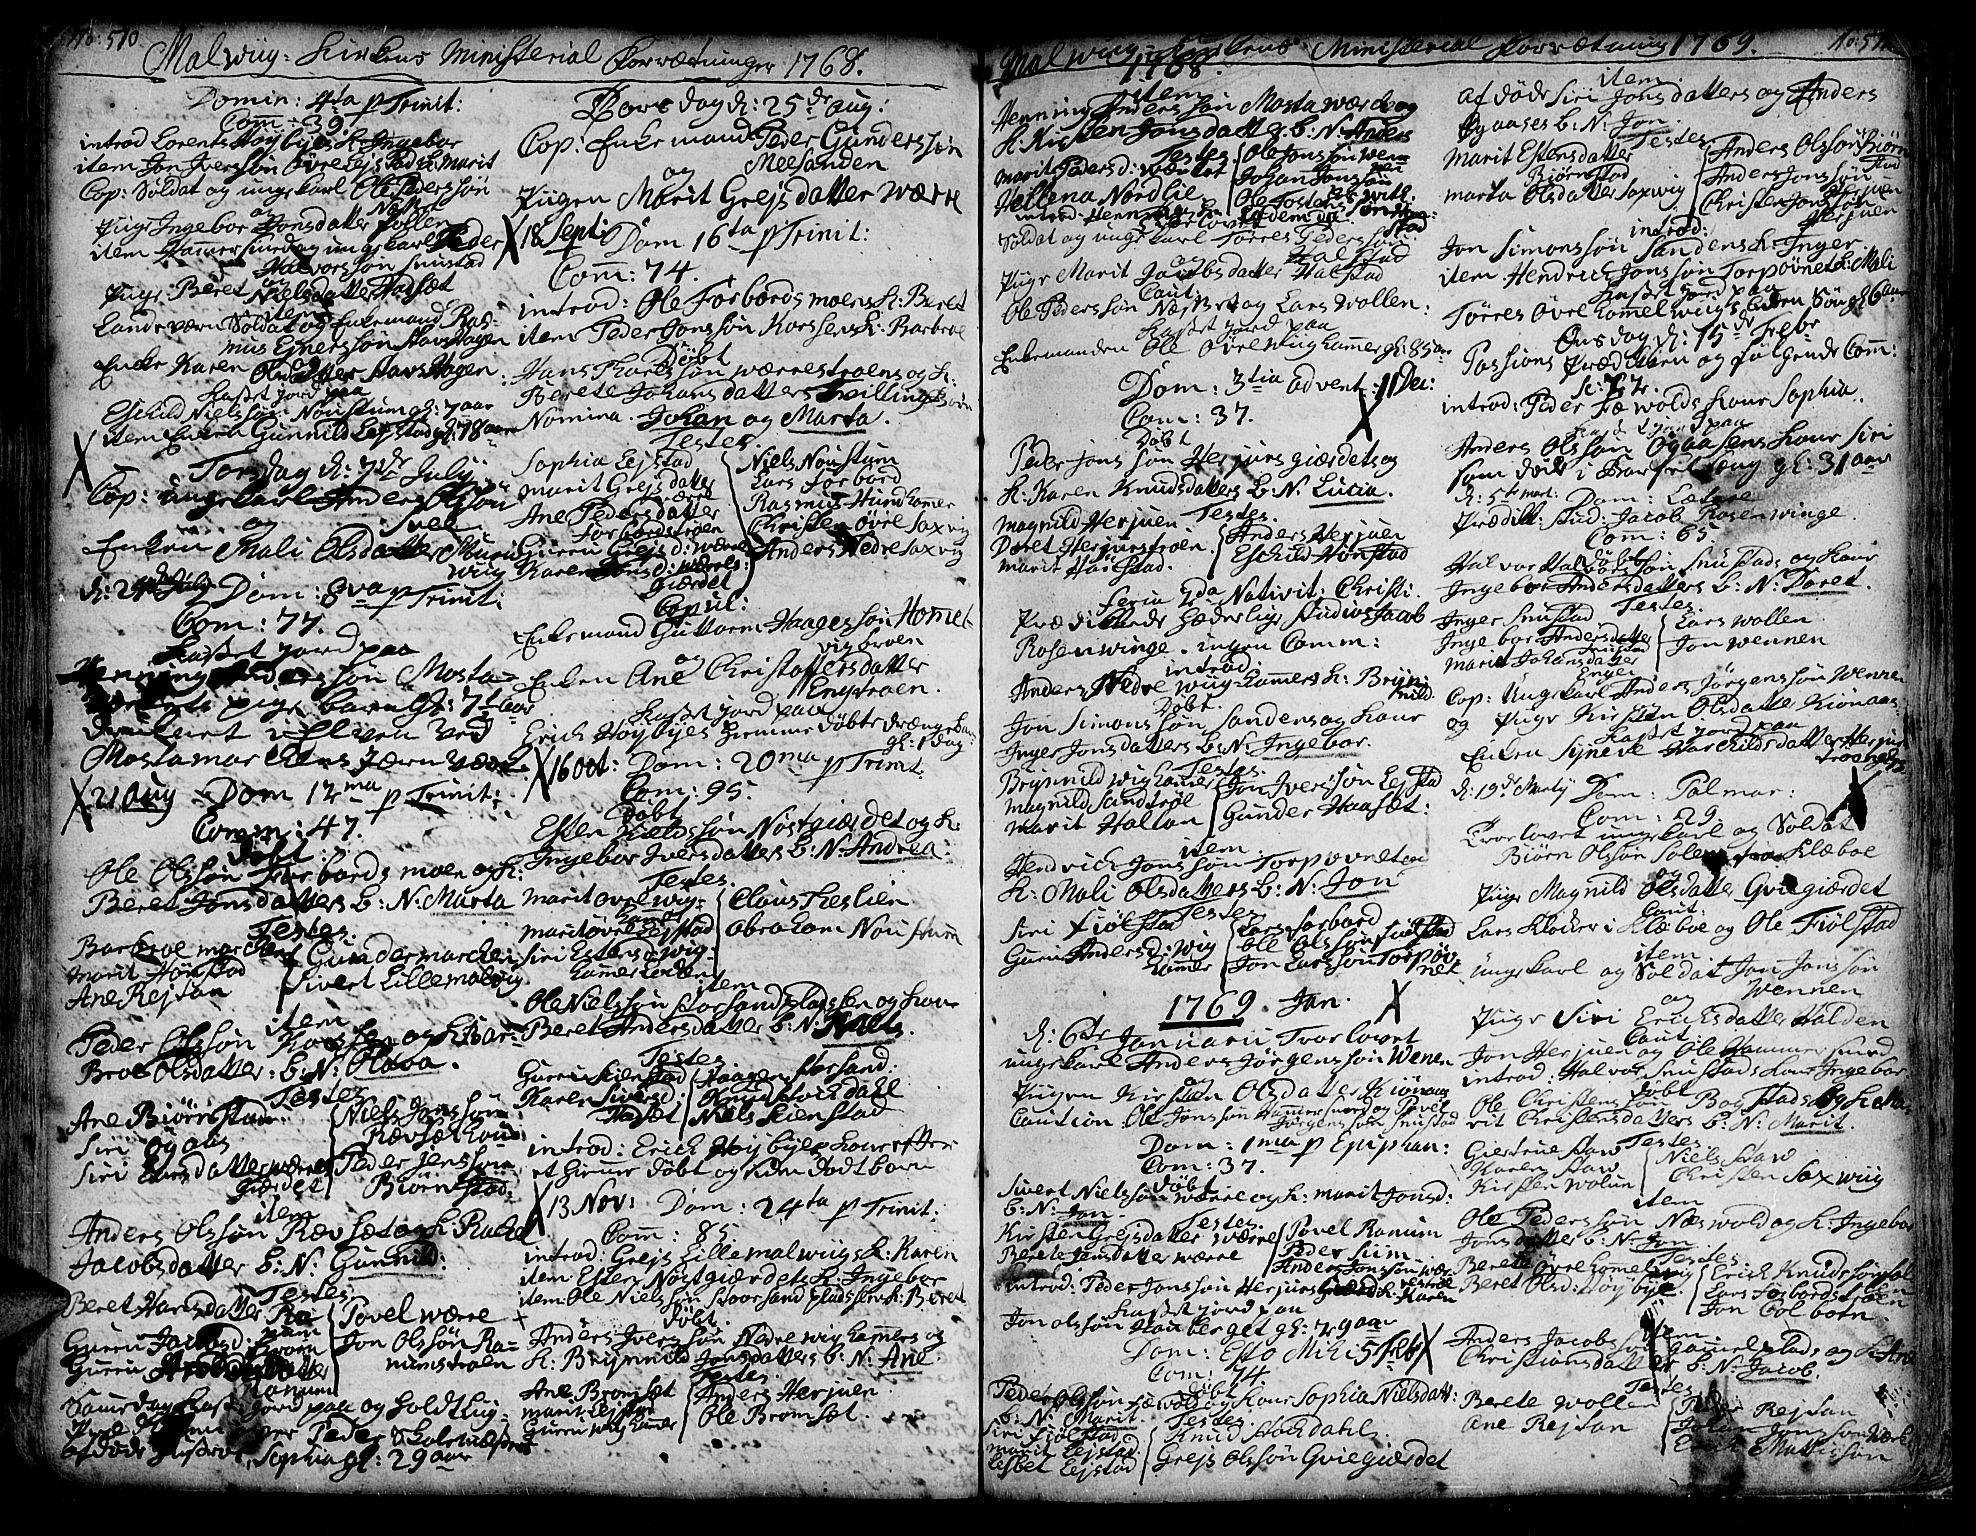 SAT, Ministerialprotokoller, klokkerbøker og fødselsregistre - Sør-Trøndelag, 606/L0277: Ministerialbok nr. 606A01 /3, 1727-1780, s. 510-511